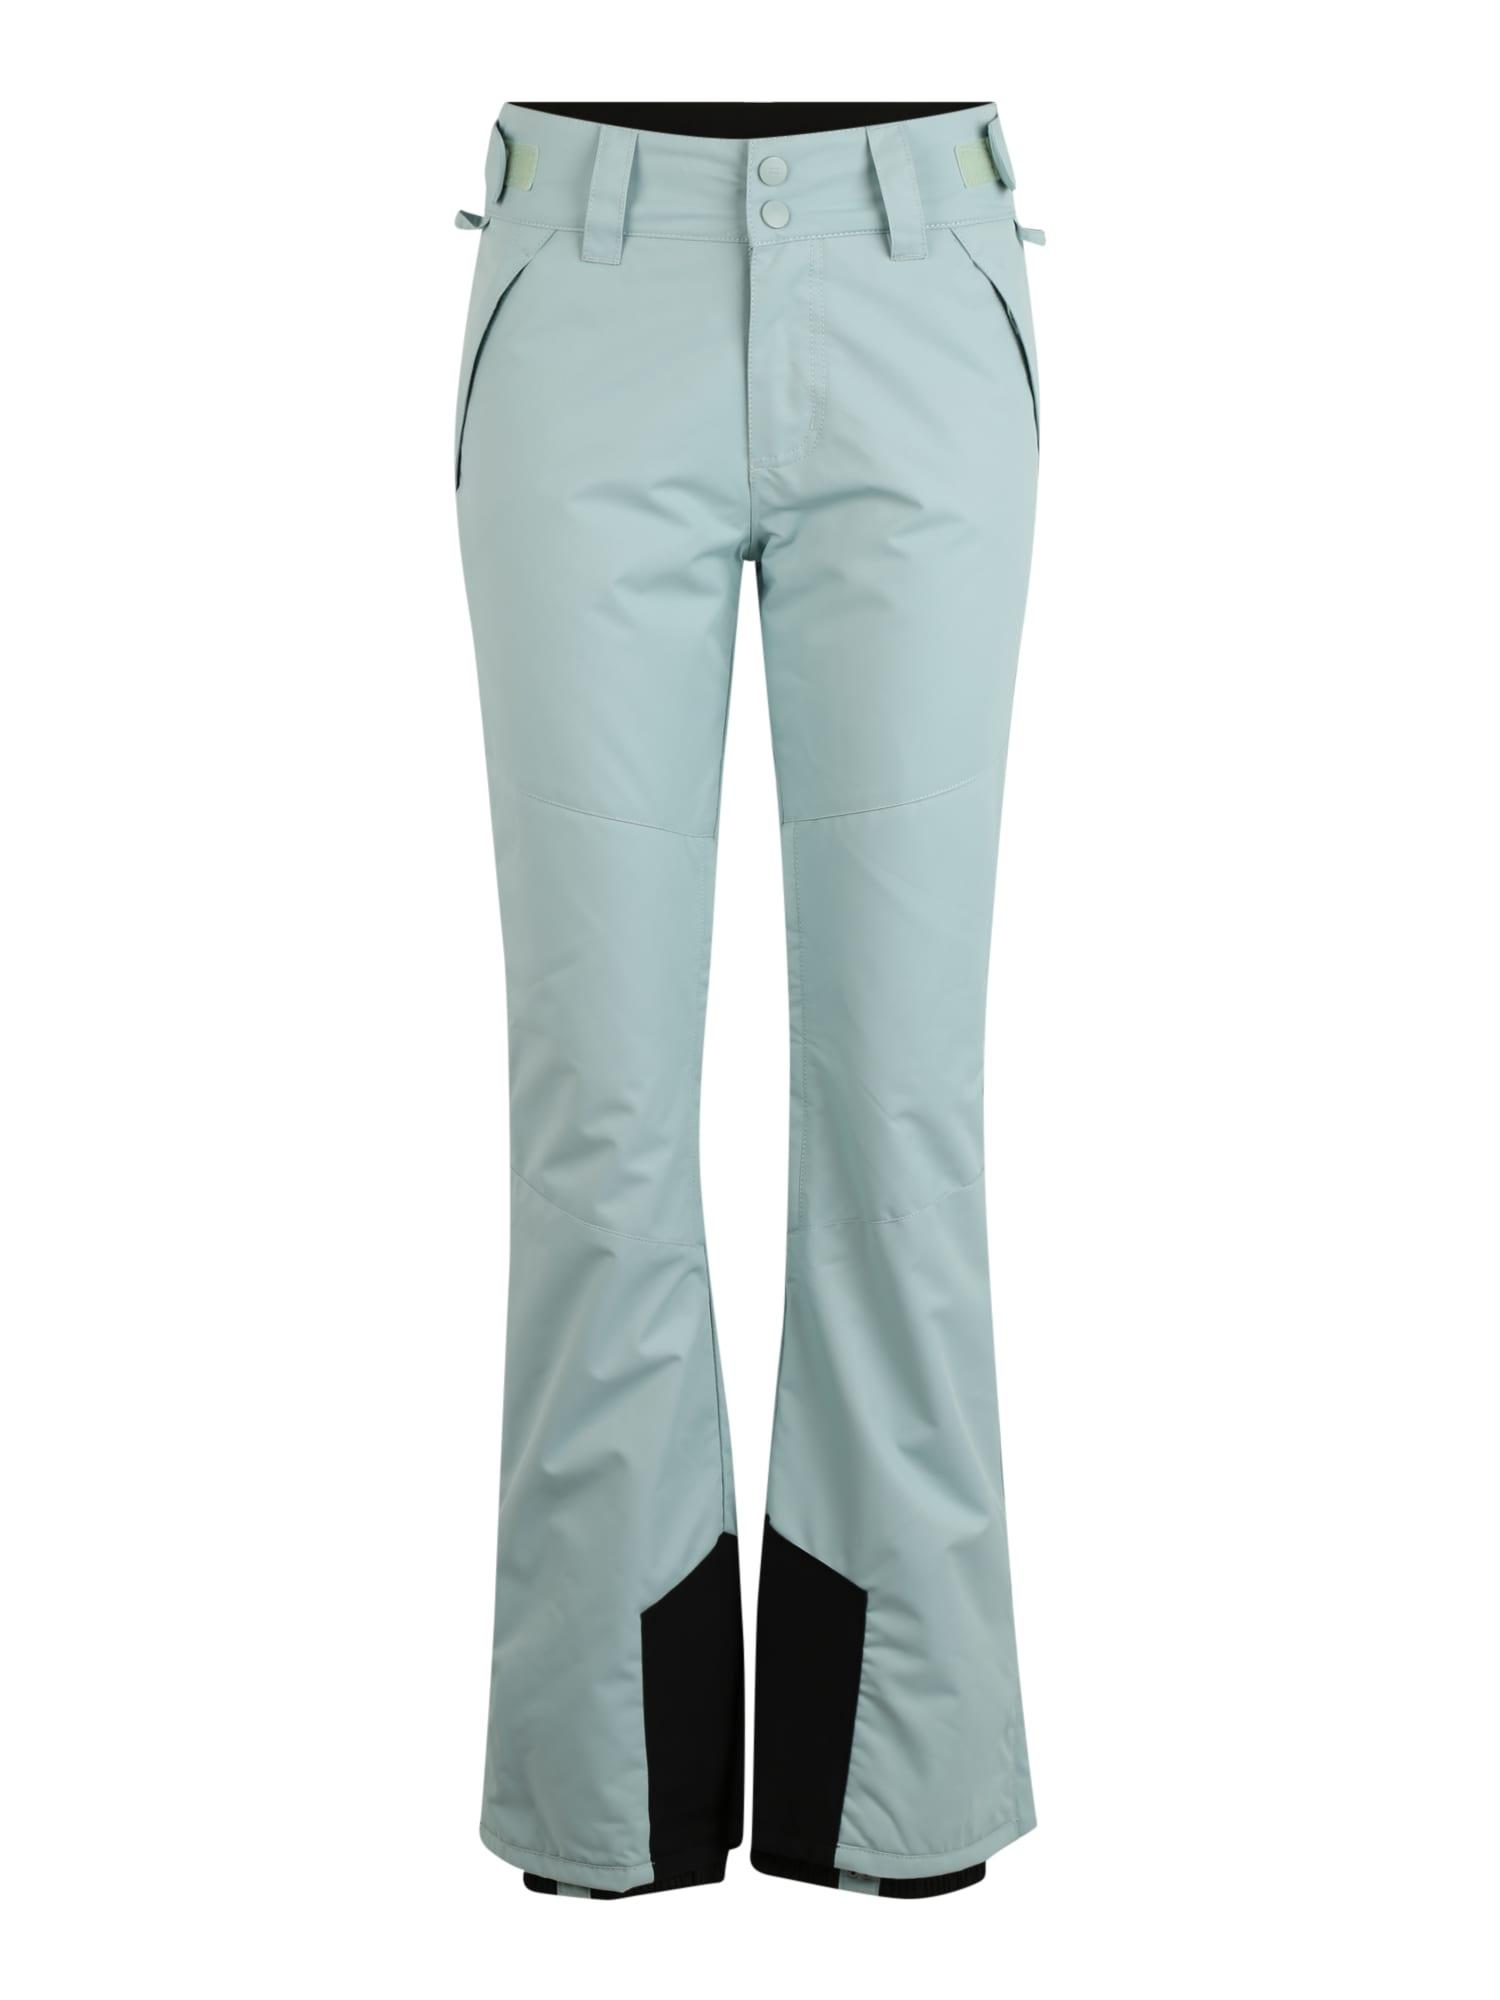 BILLABONG Sportinės kelnės 'Malla' mėtų spalva